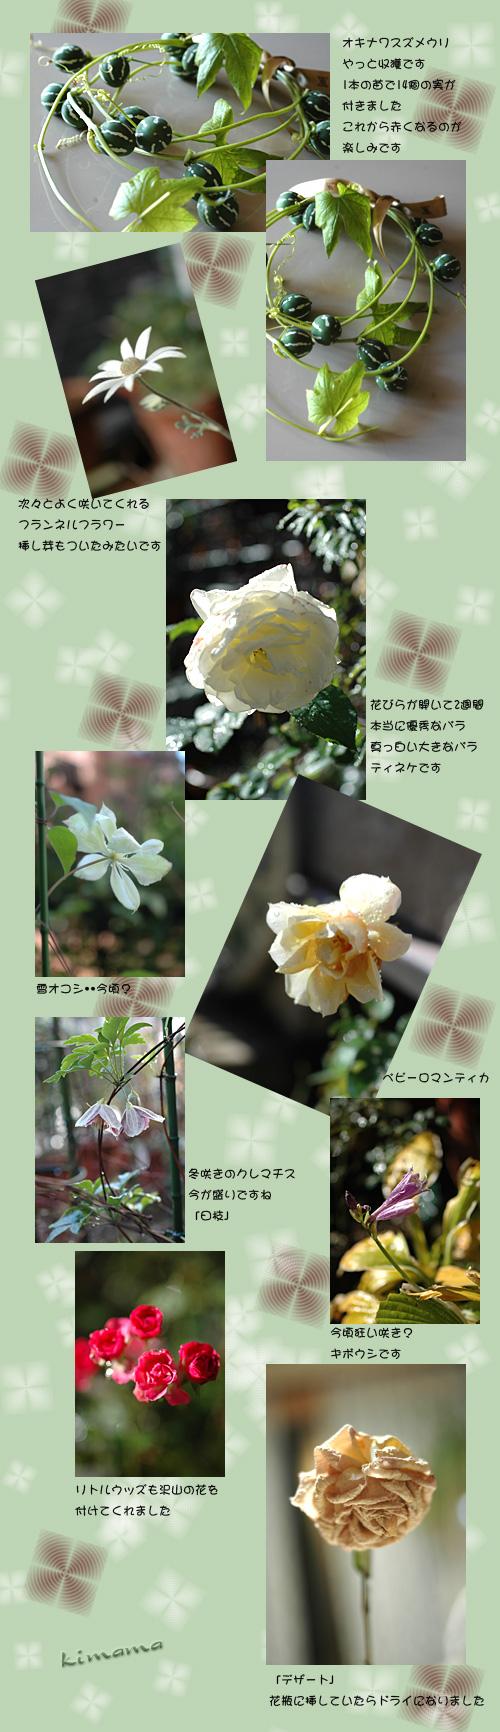 12月3日庭の花